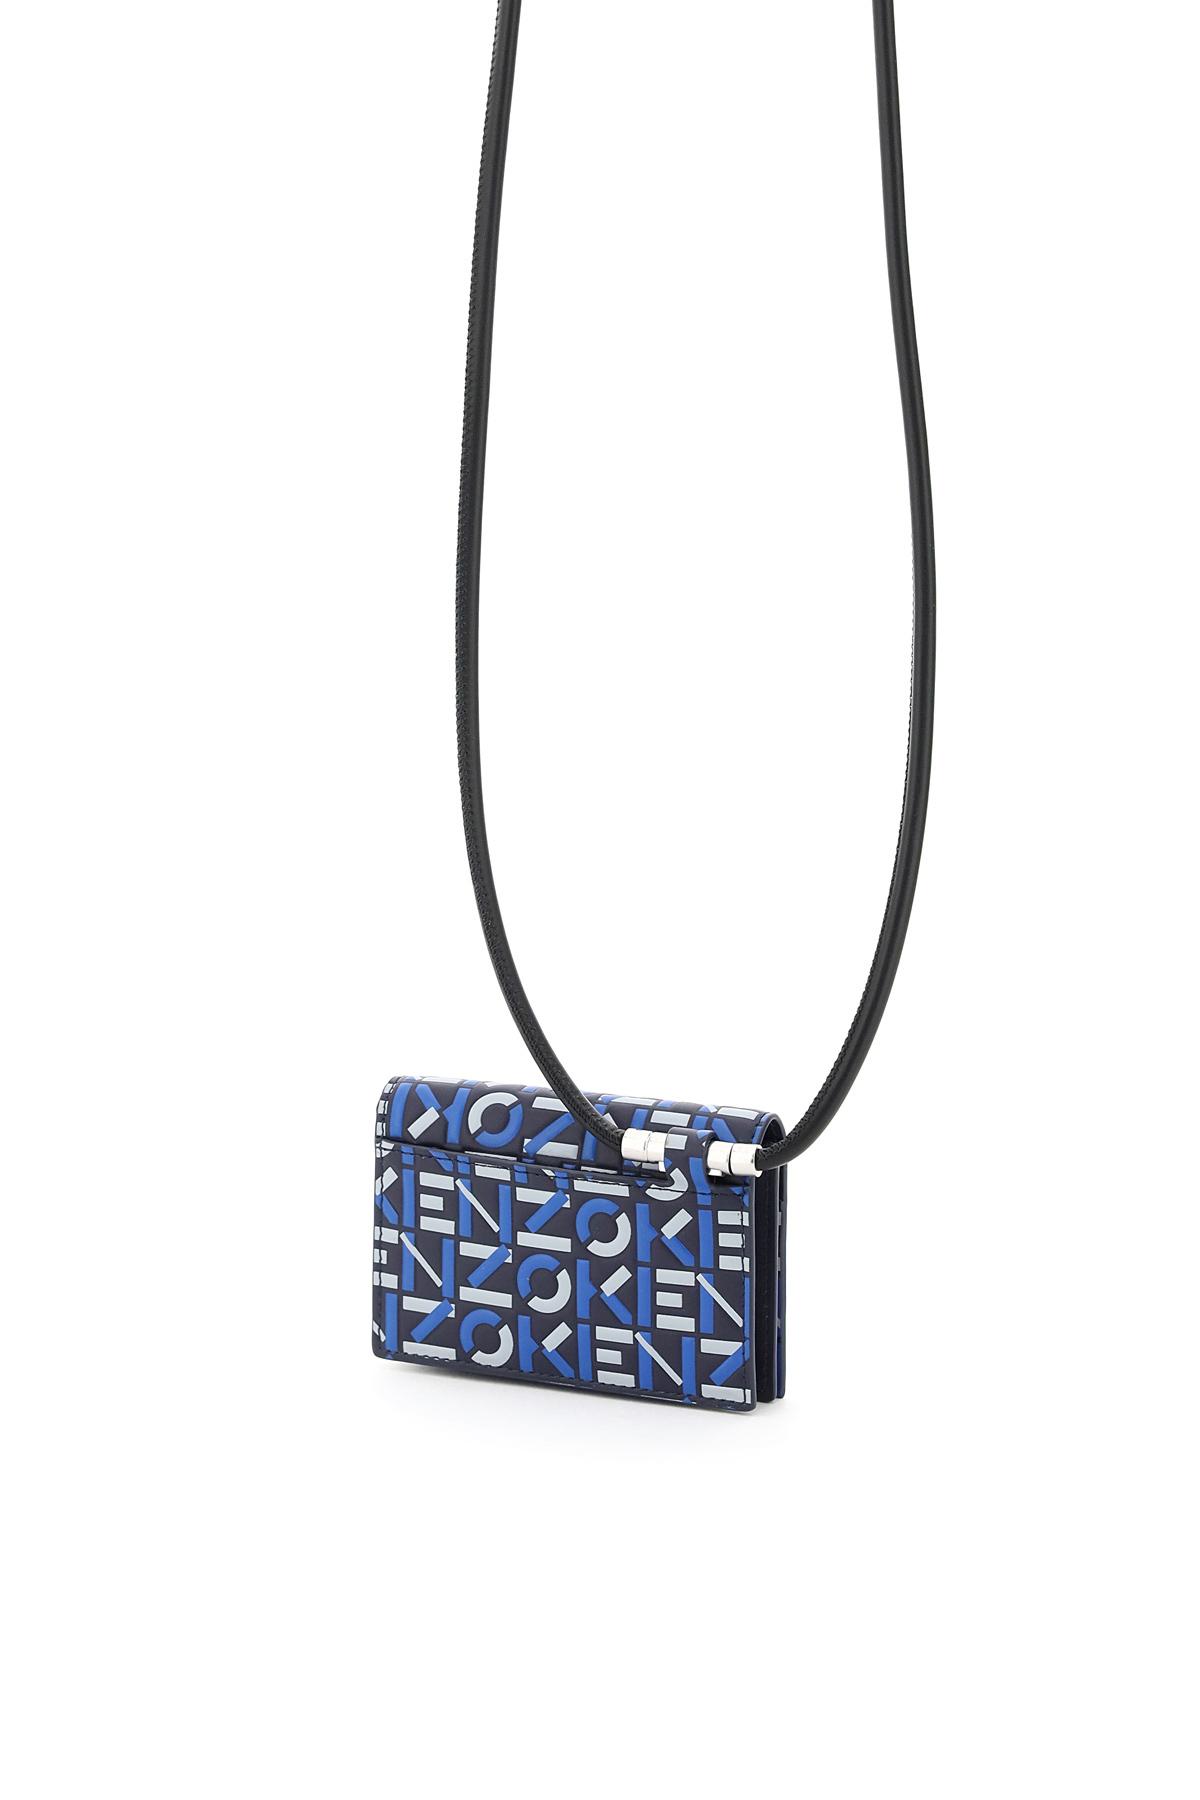 Kenzo pouch portacarte on strap logo